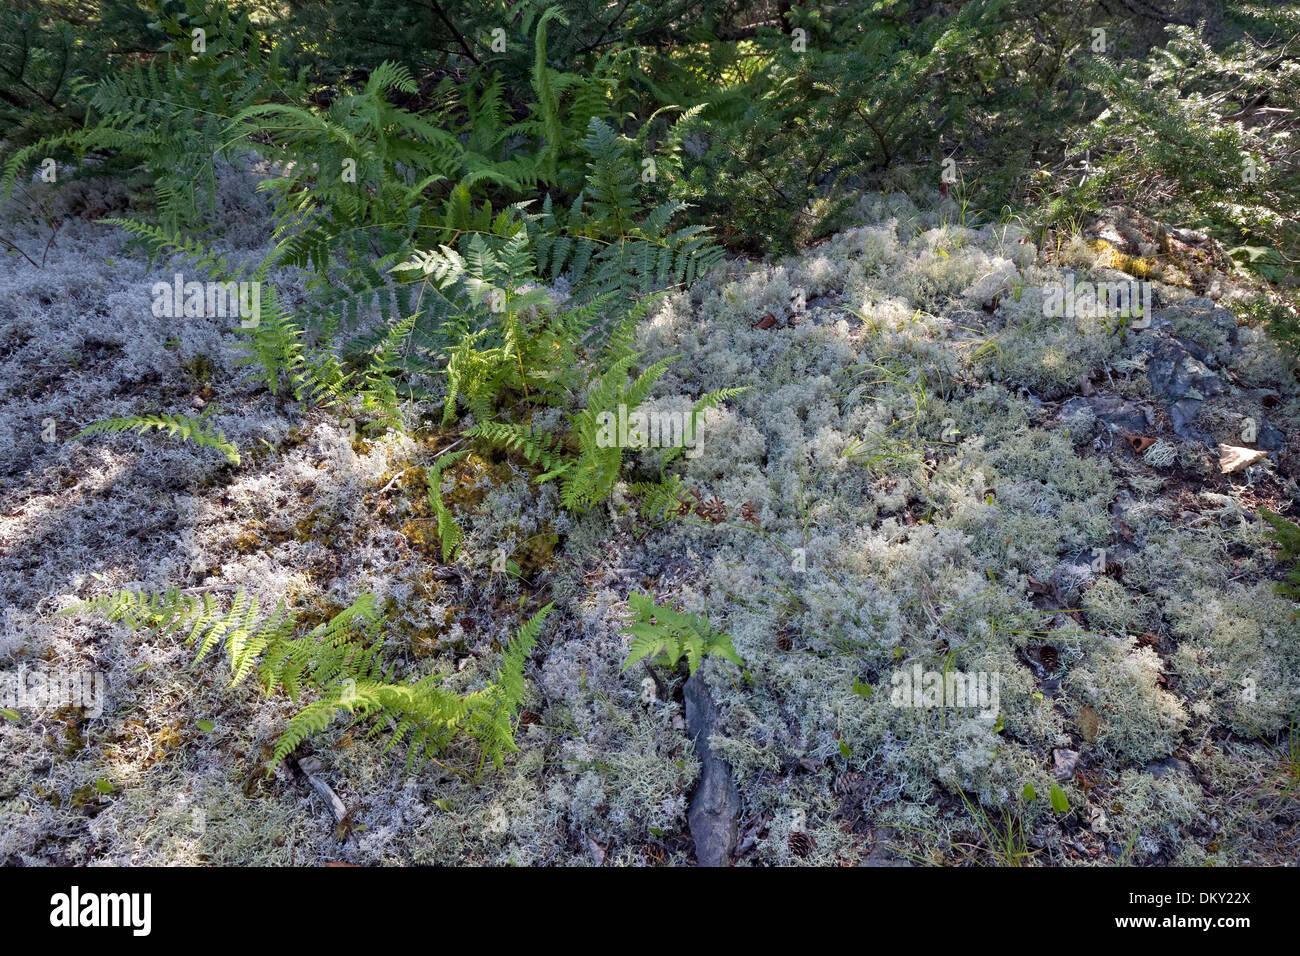 Ferns and Reindeer Lichen (Cladonia rangiferina) - Stock Image